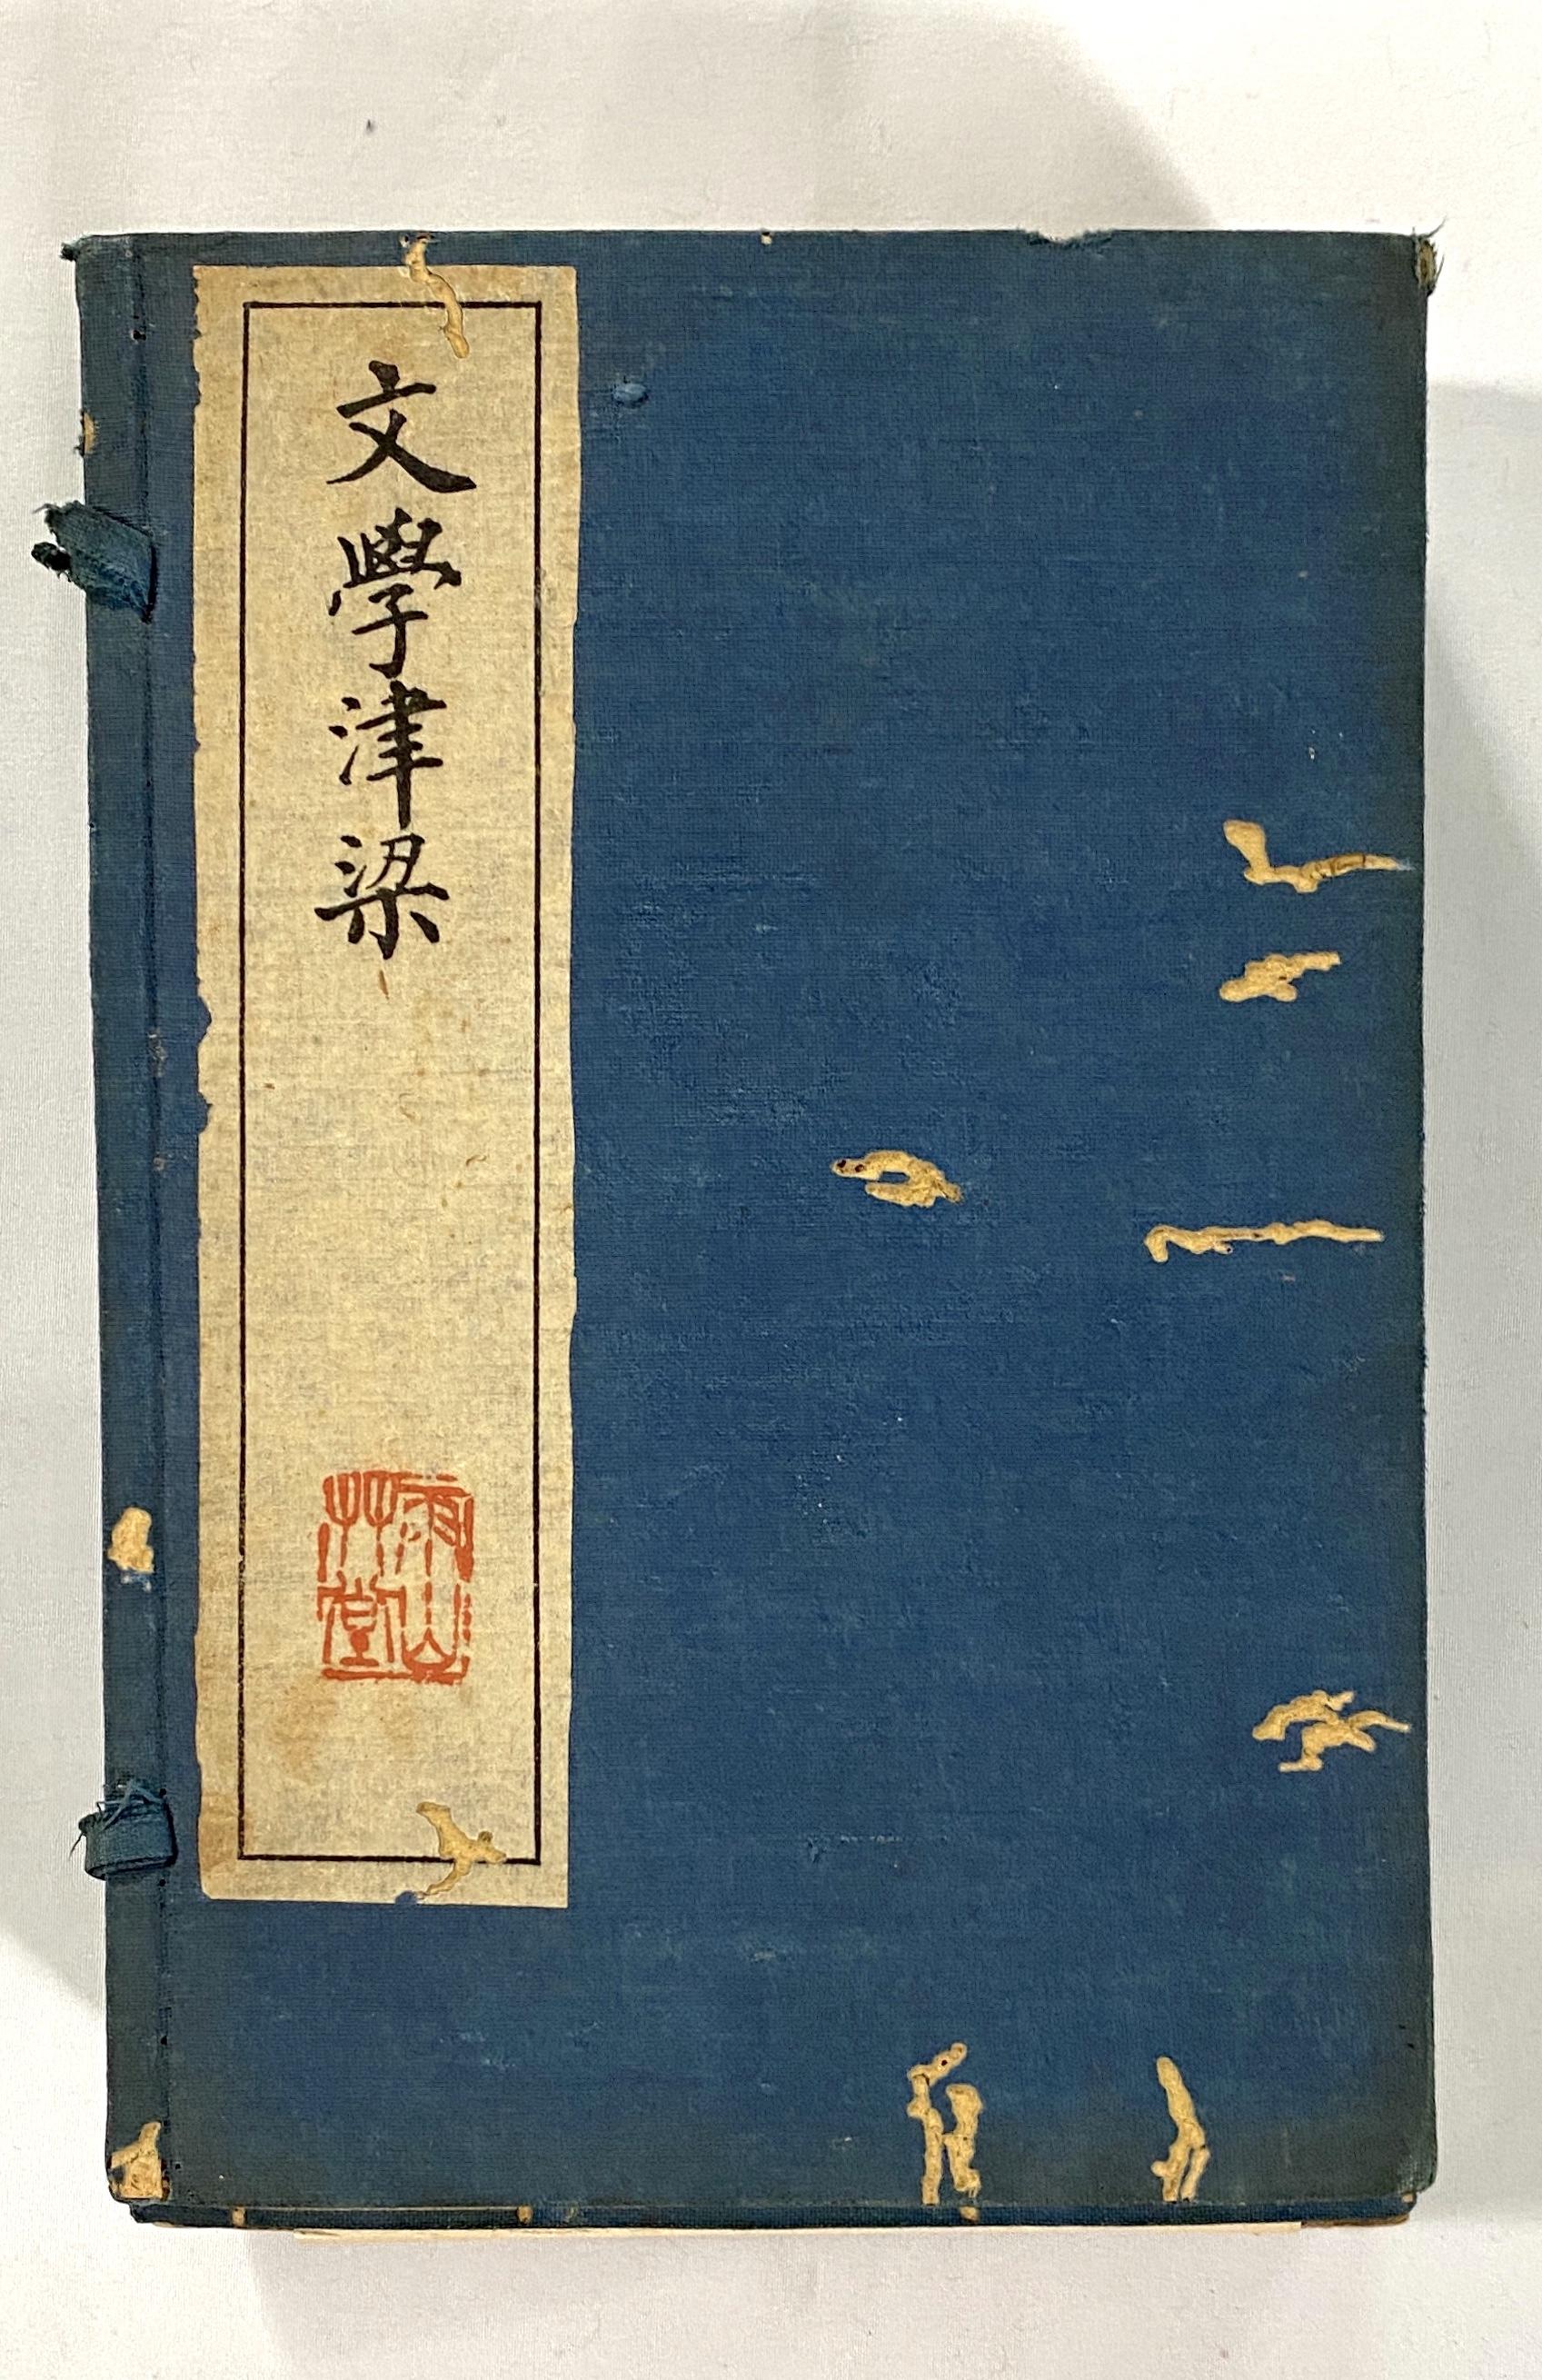 10301「民国五年」「文学津梁」全八冊